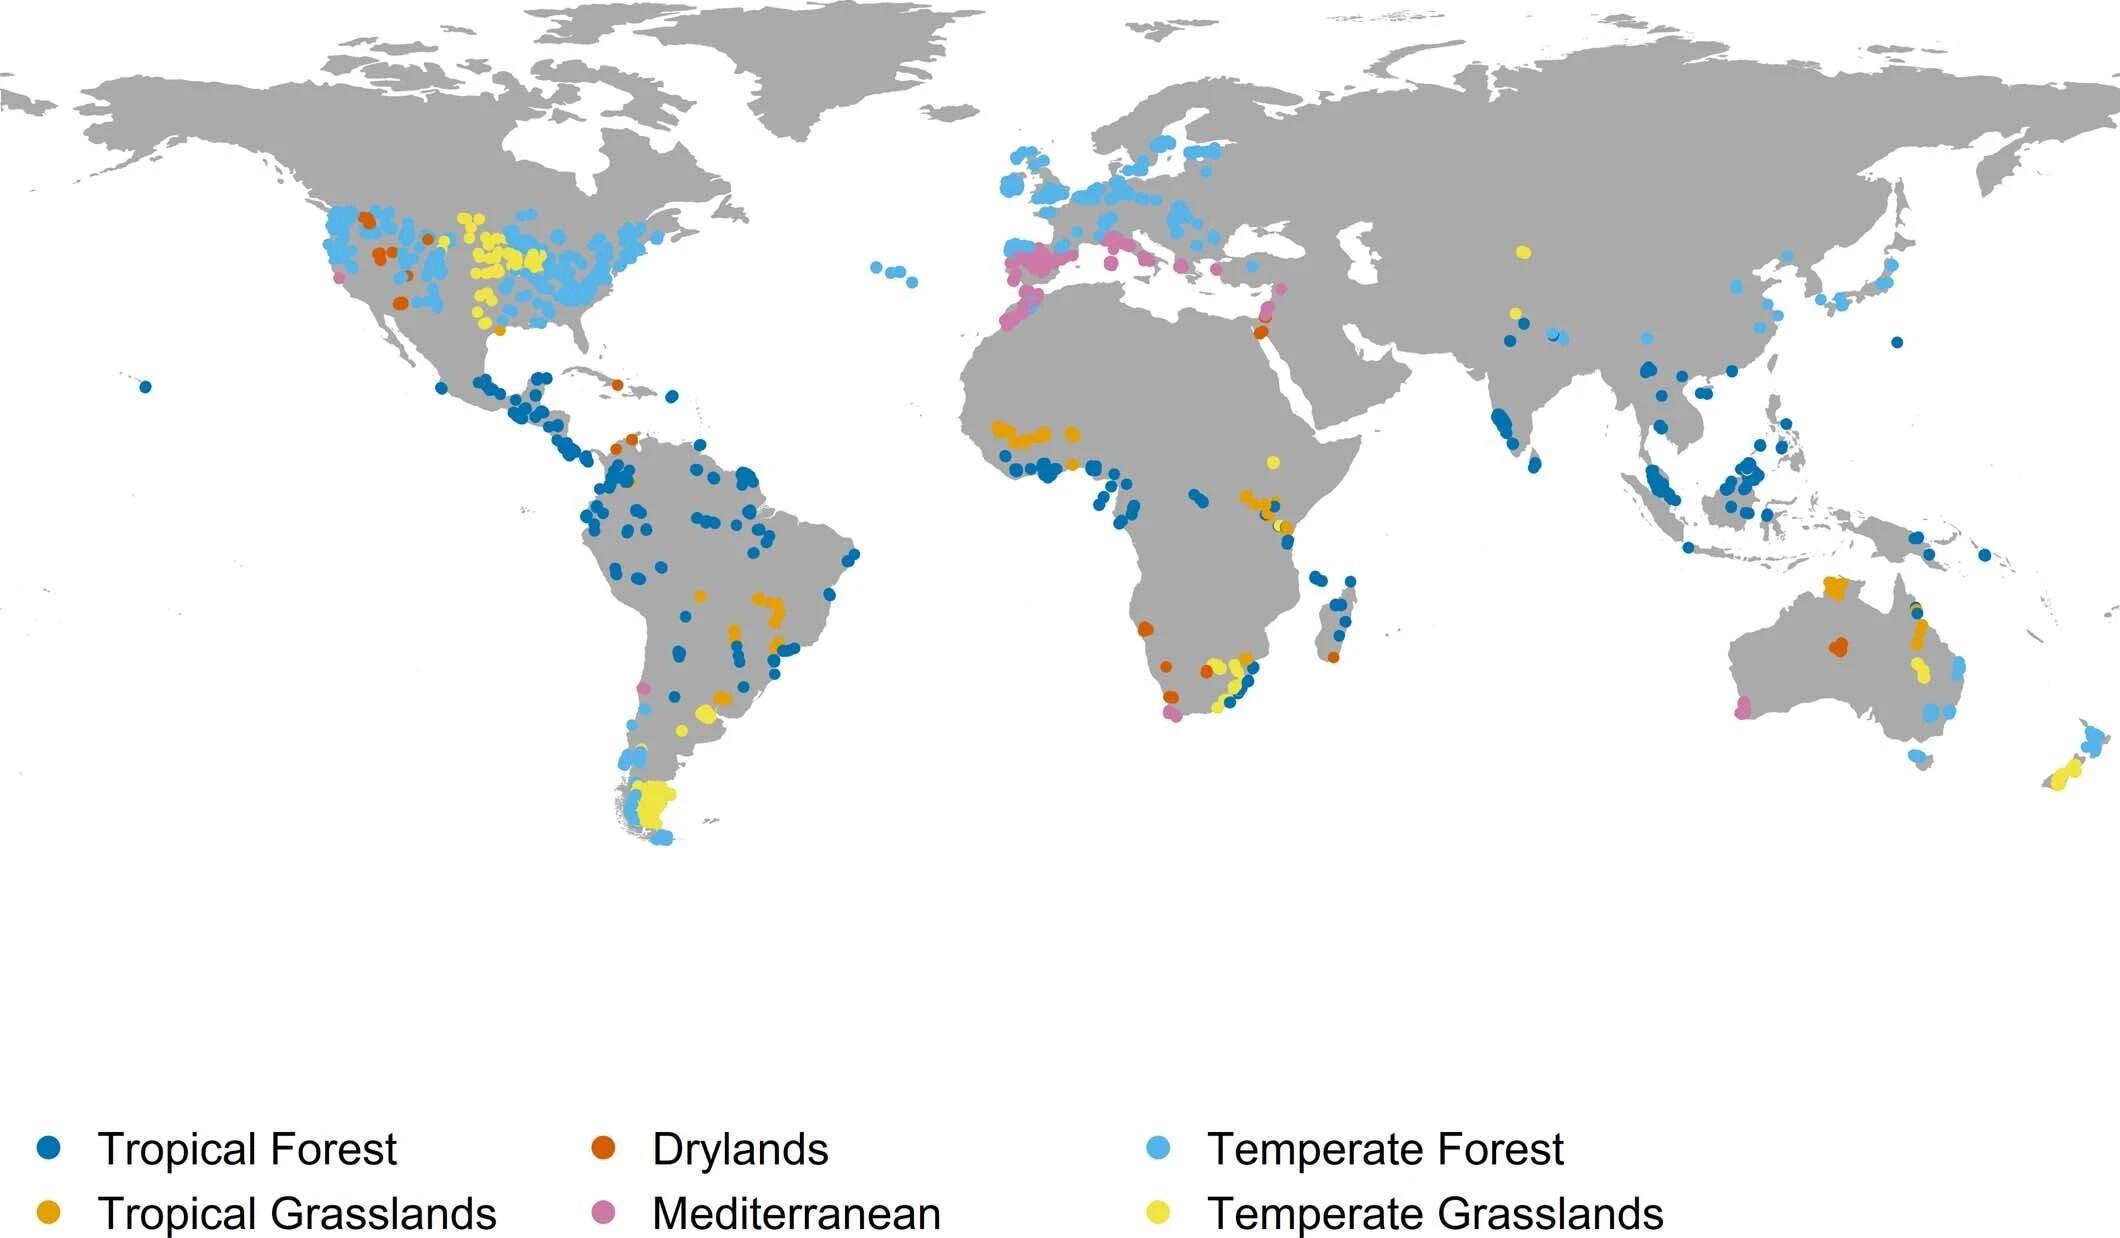 mapa con las zonas con más animales extintos del planeta. Destaca el mediterráneo y los trópicos